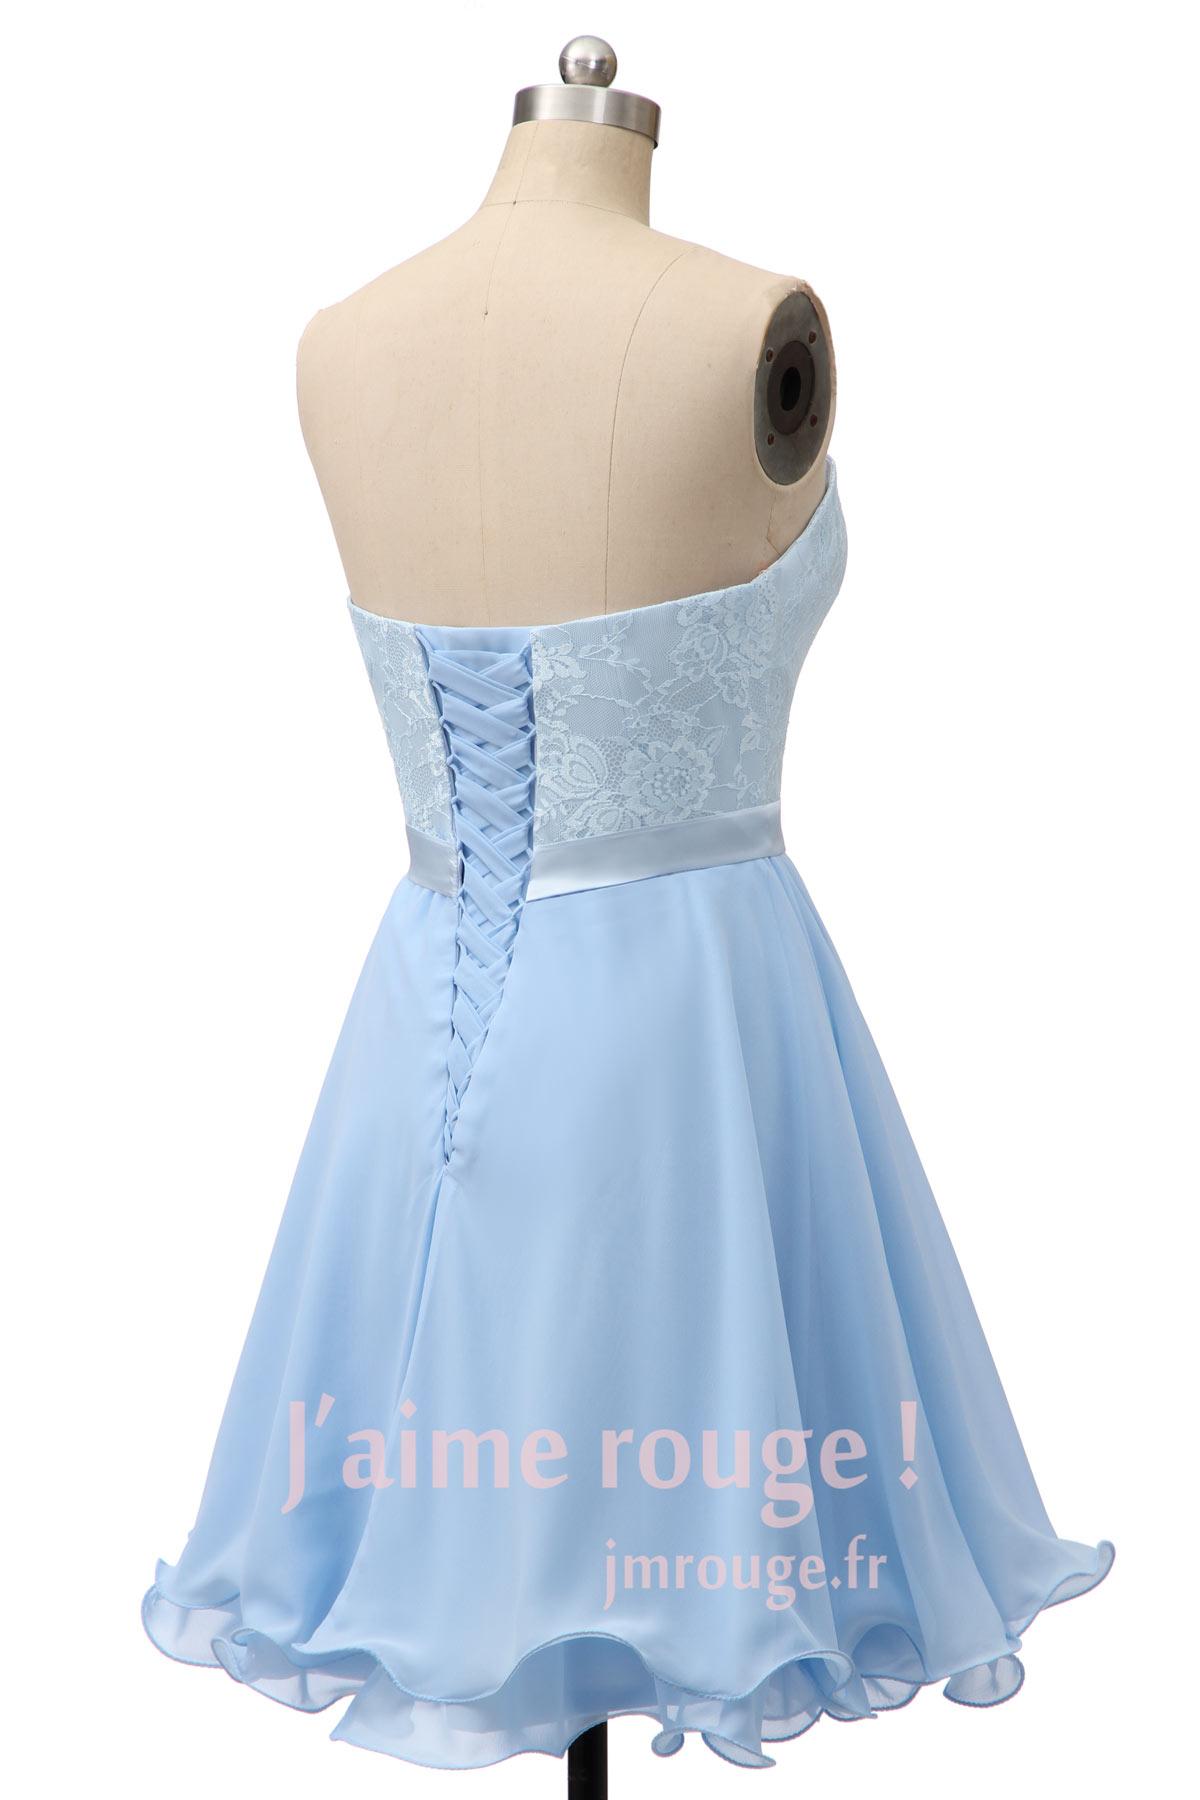 b40581f4ff961e Robe Cœur Pour Guipure Bustier Chic Soirée Dentelle Rouge F1J35lcTuK